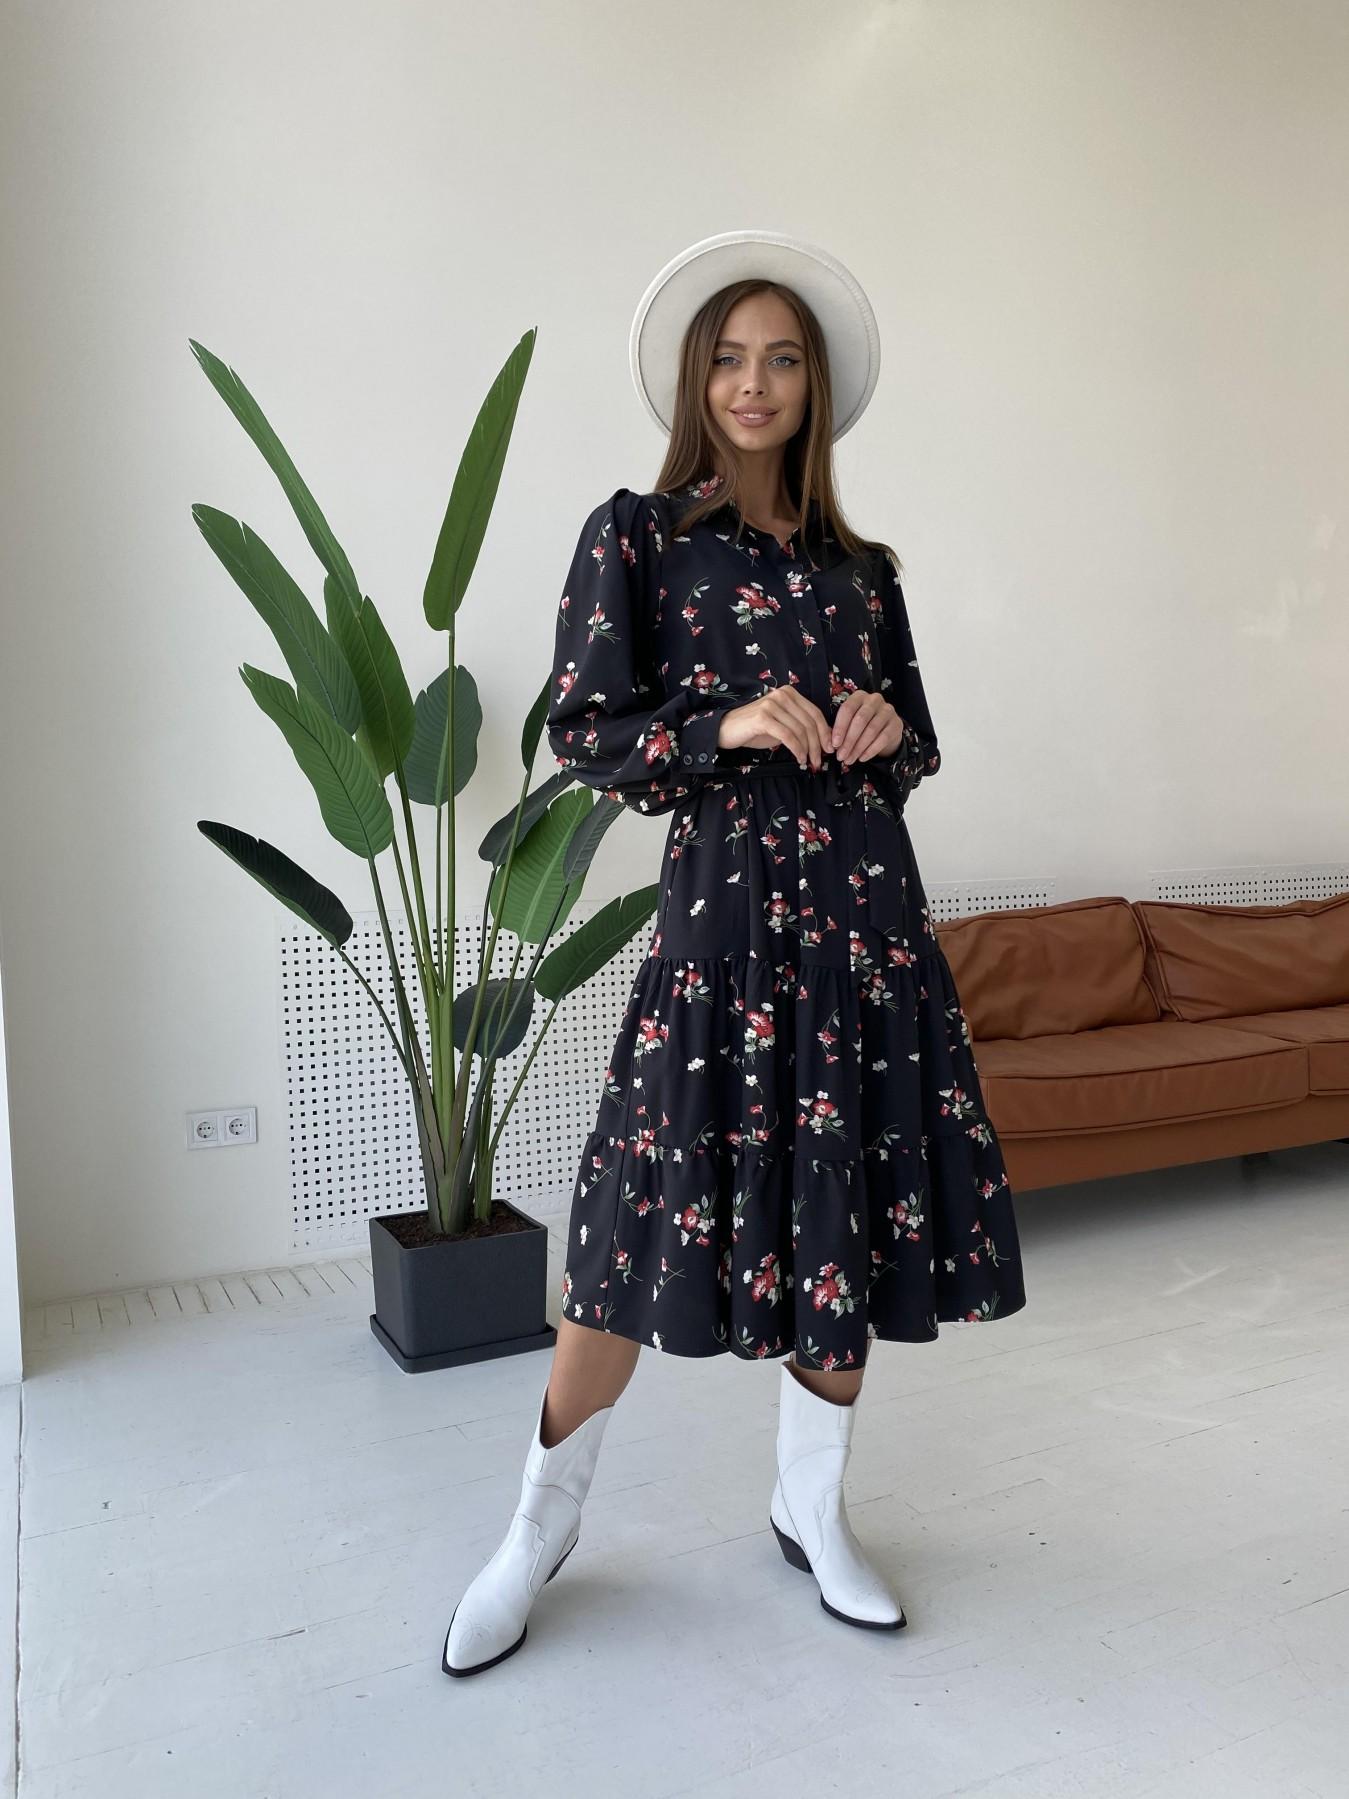 Лилия д/р софт принт стрейч платье 11708 АРТ. 48410 Цвет: Черный/Красн/Мол/БукЦв - фото 3, интернет магазин tm-modus.ru